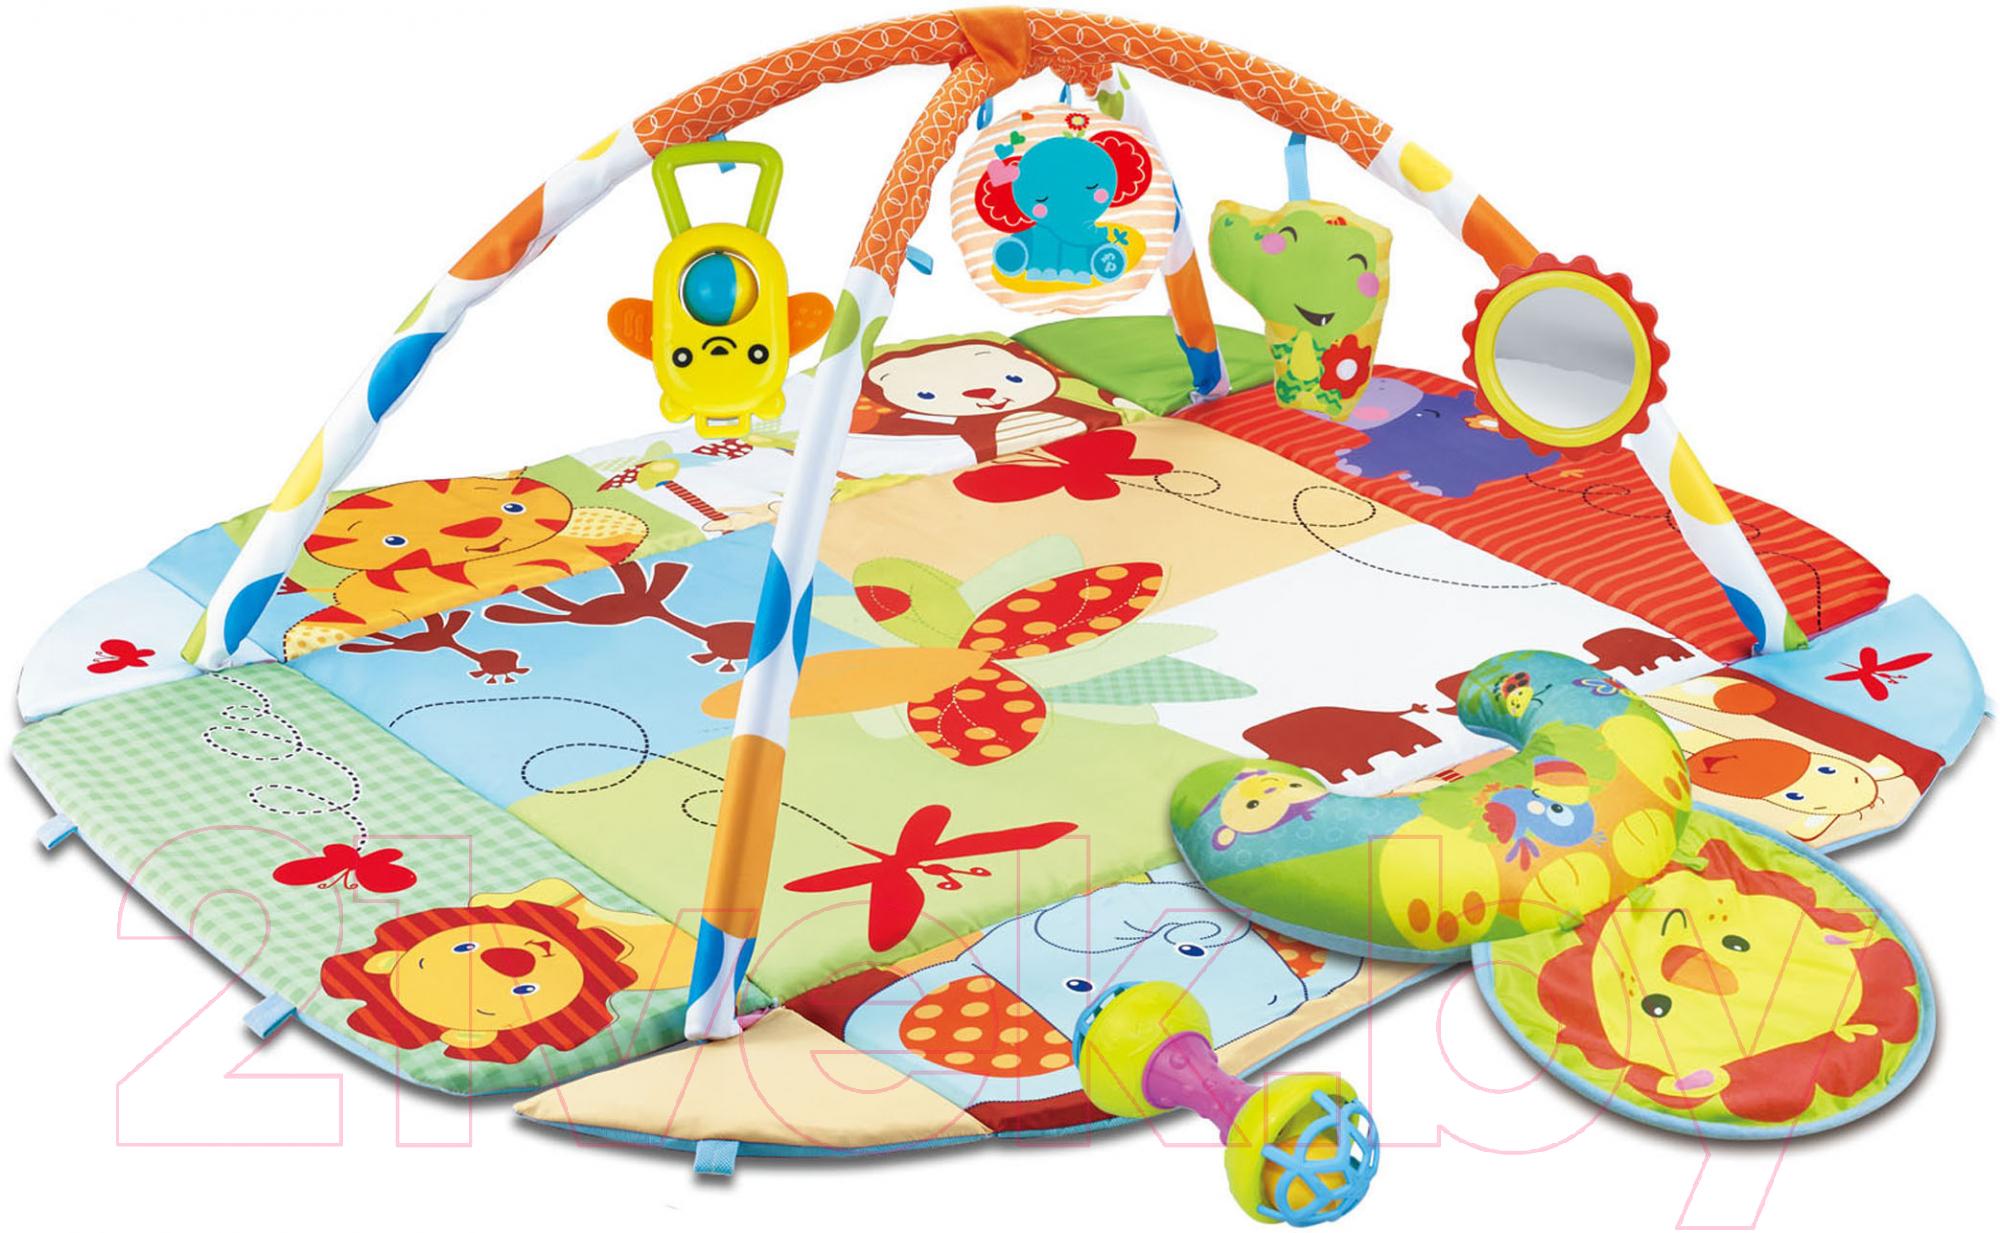 Купить Развивающий коврик Sundays, 212334, Китай, полиэстер